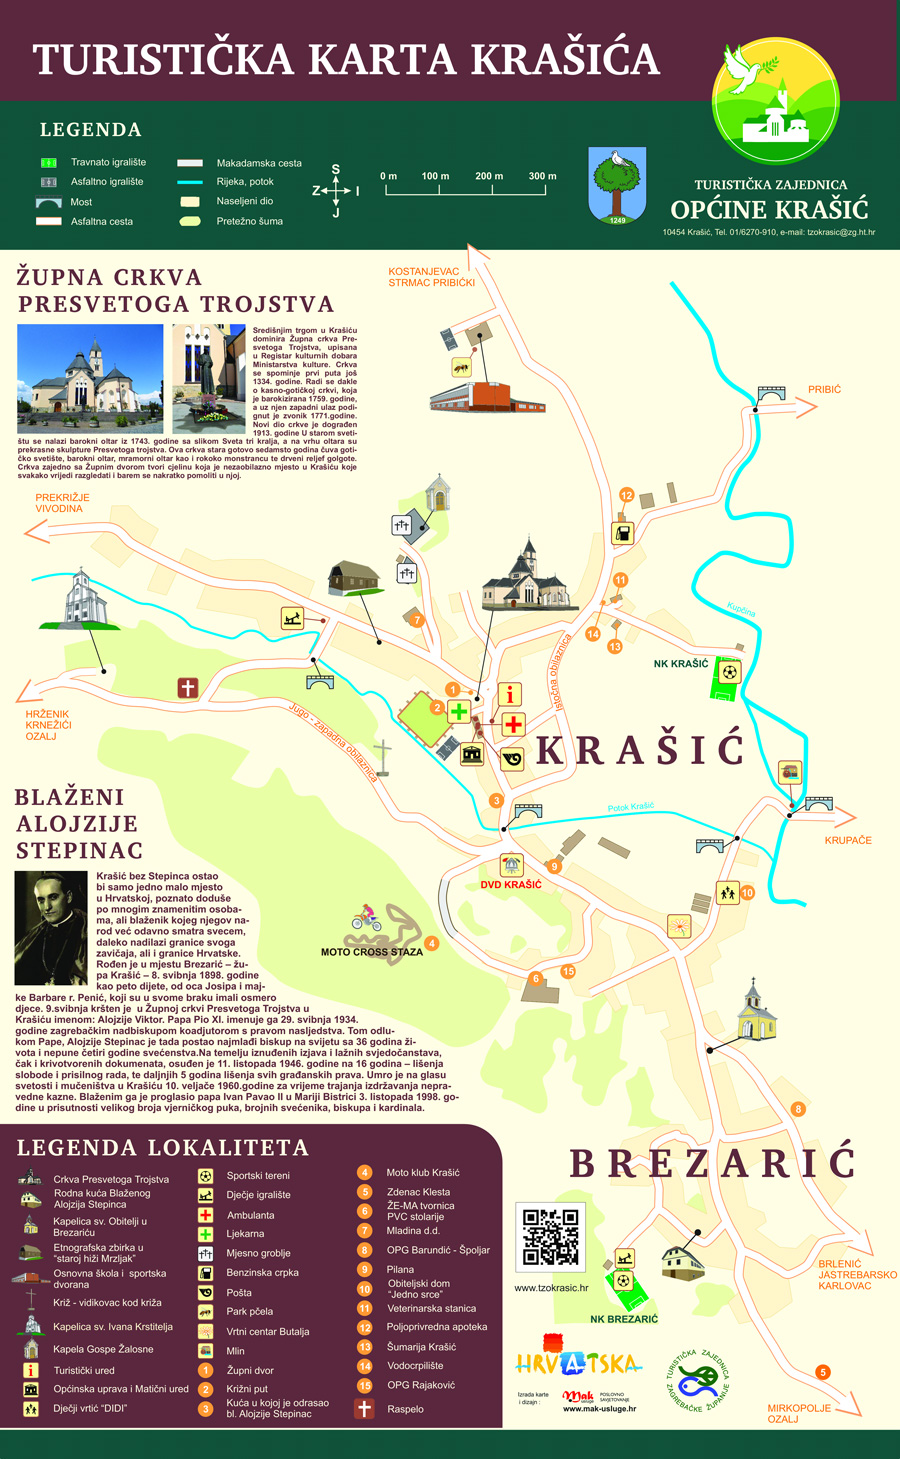 tz-krasic-karta